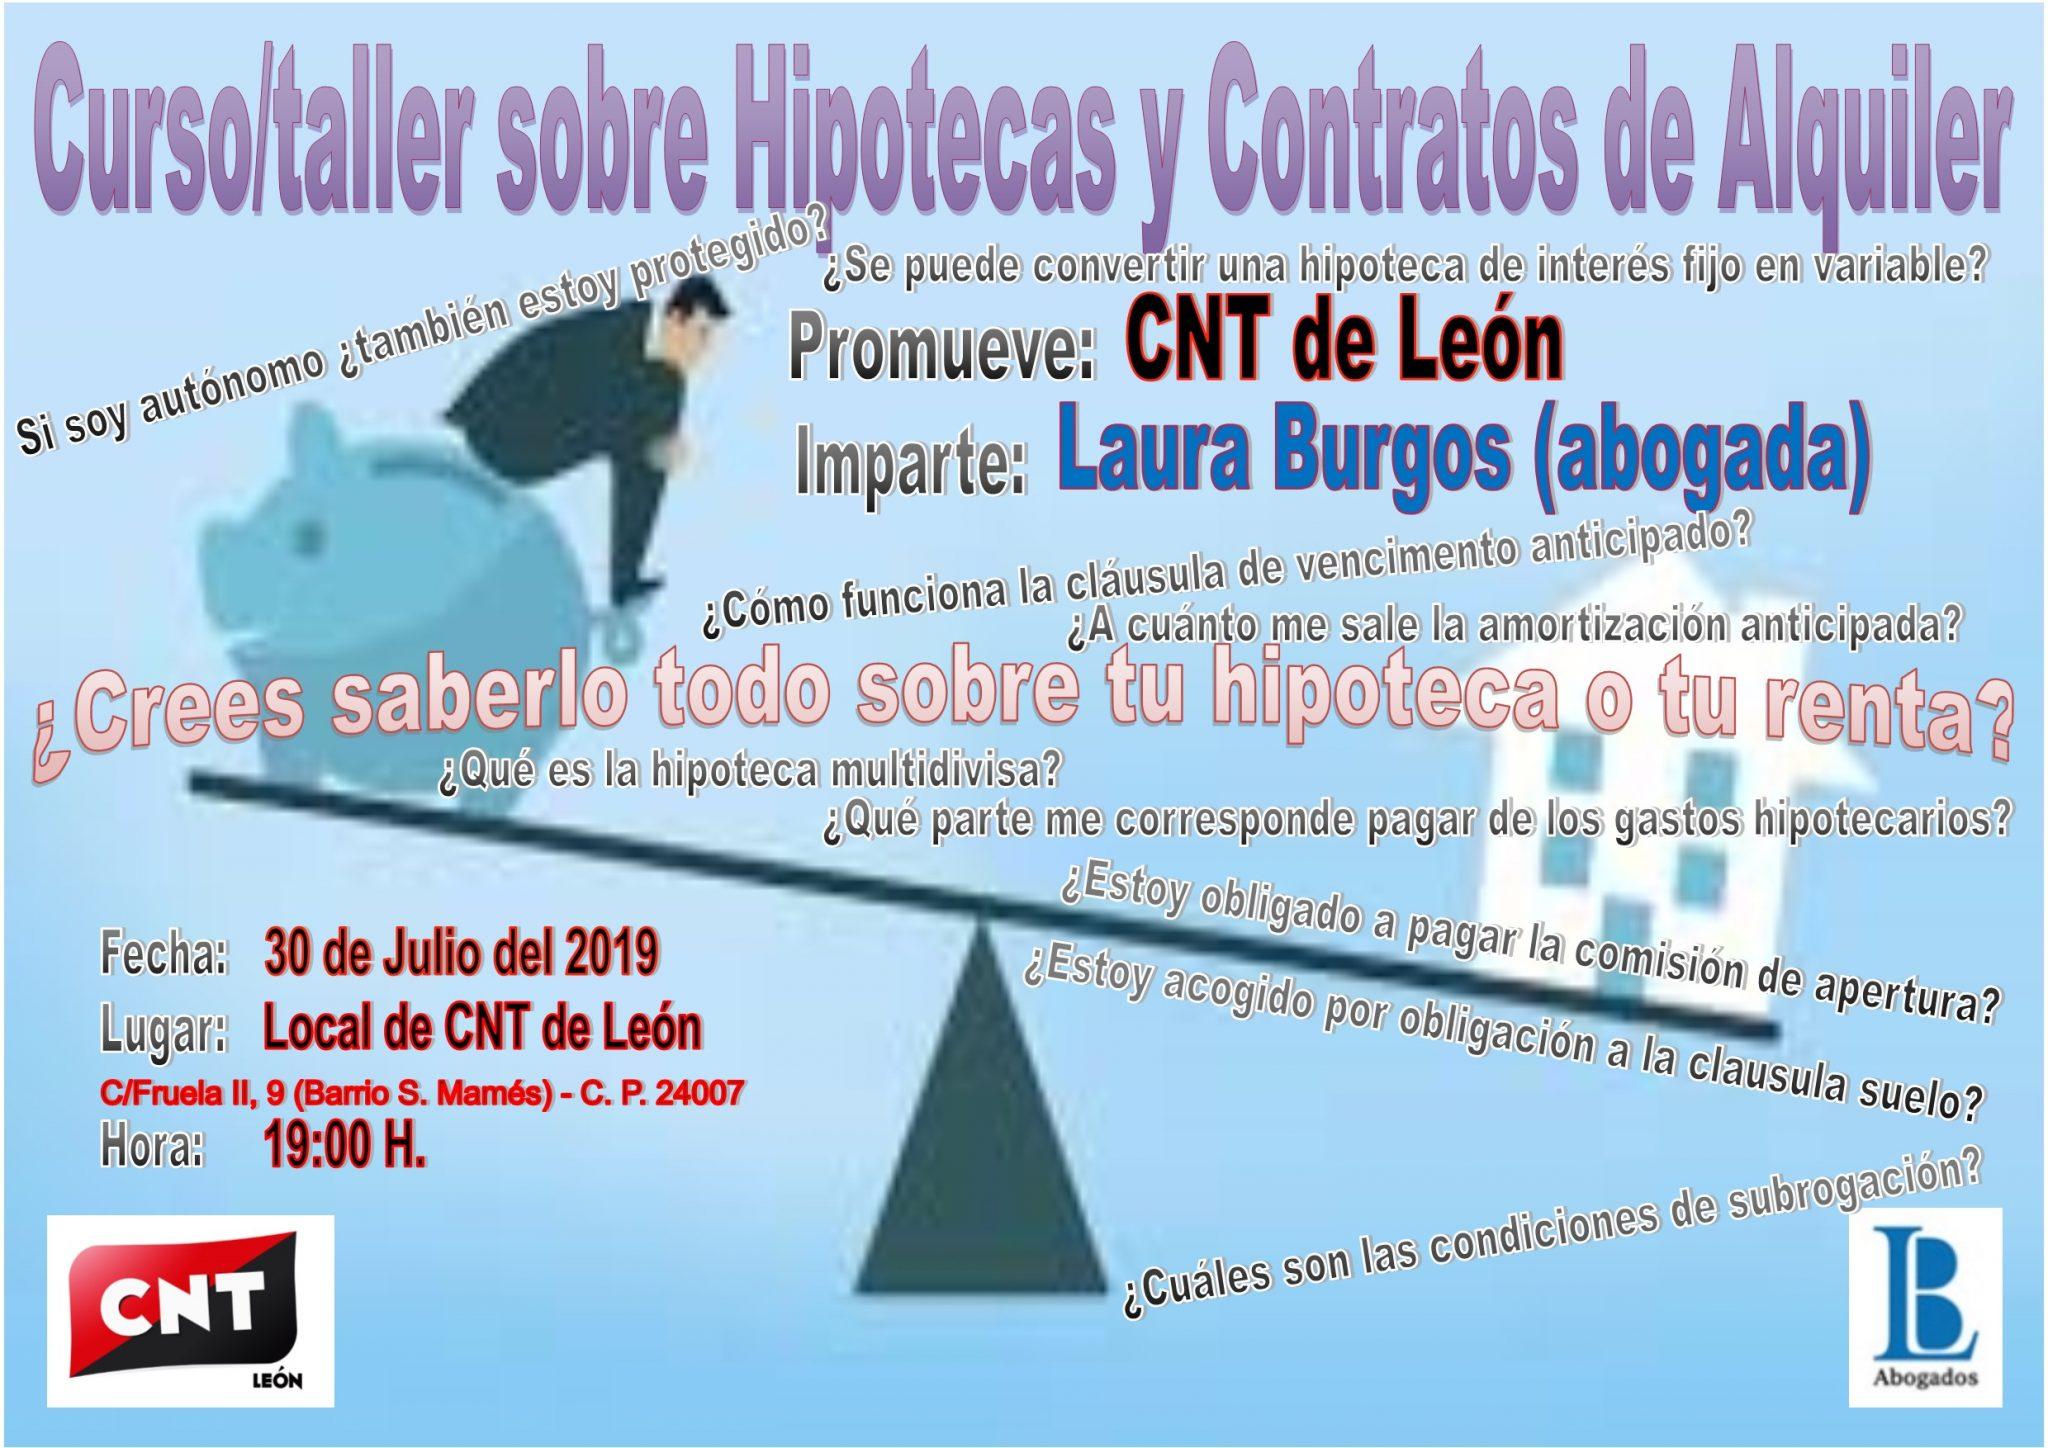 Curso/taller sobre hipotecas y contratos de alquiler